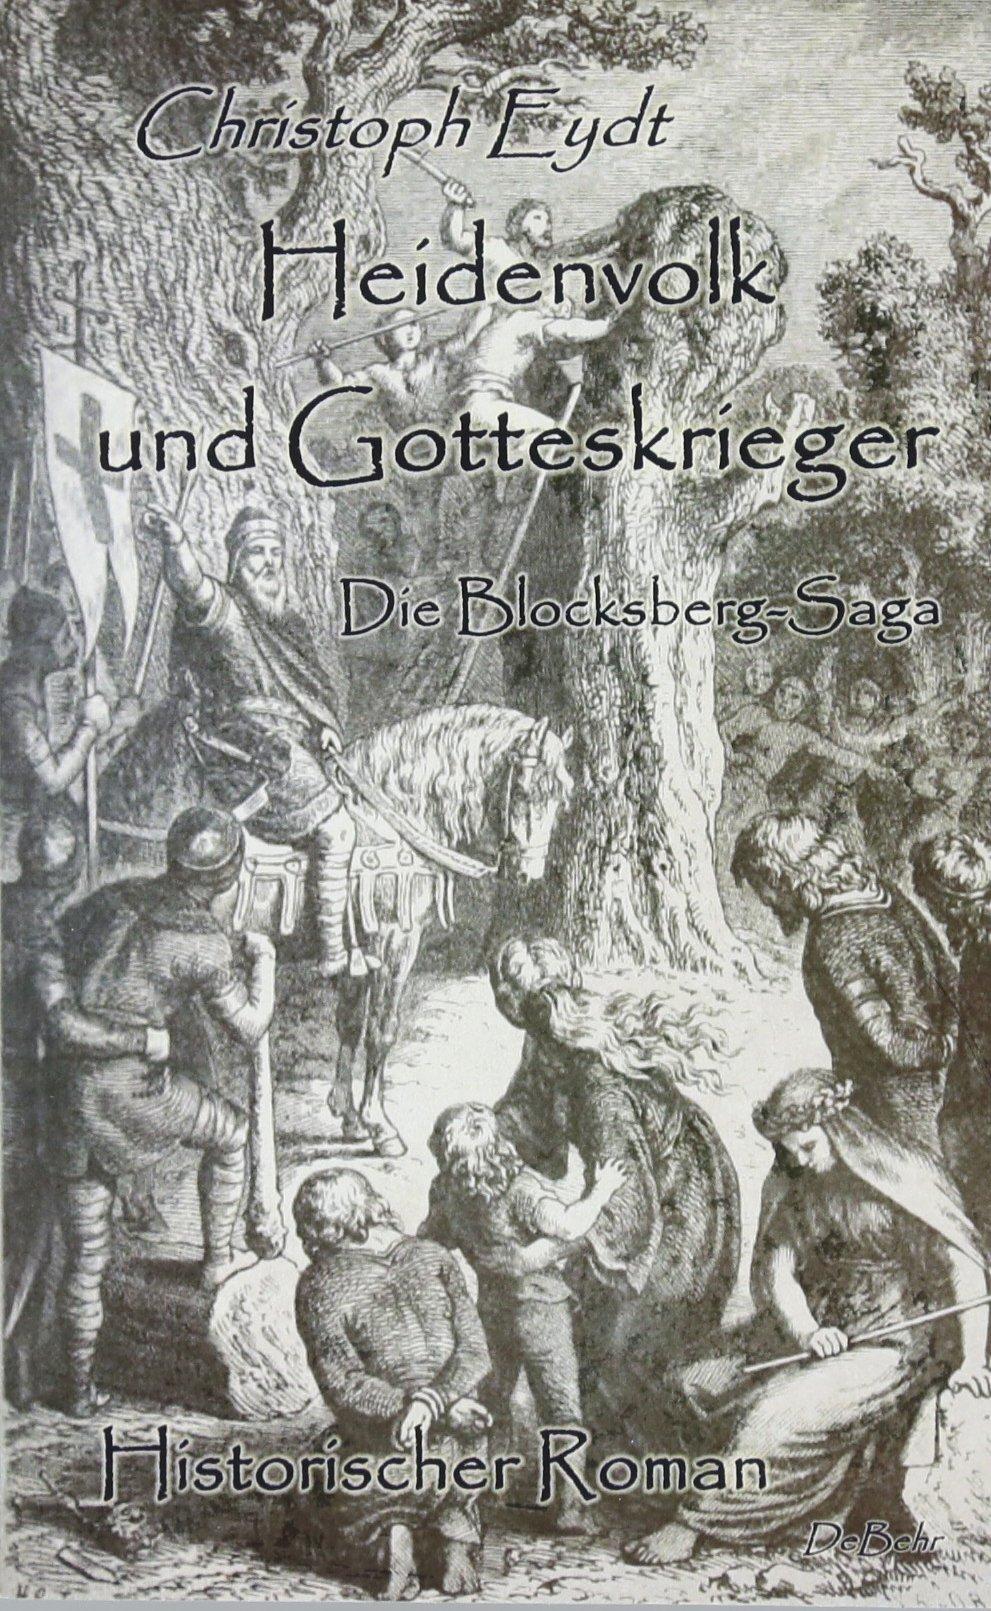 Heidenvolk und Gotteskrieger - Die Blocksberg-Saga - Historischer Roman Taschenbuch – 5. März 2018 Christoph Eydt Verlag DeBehr 3957534836 Europa / Geschichte